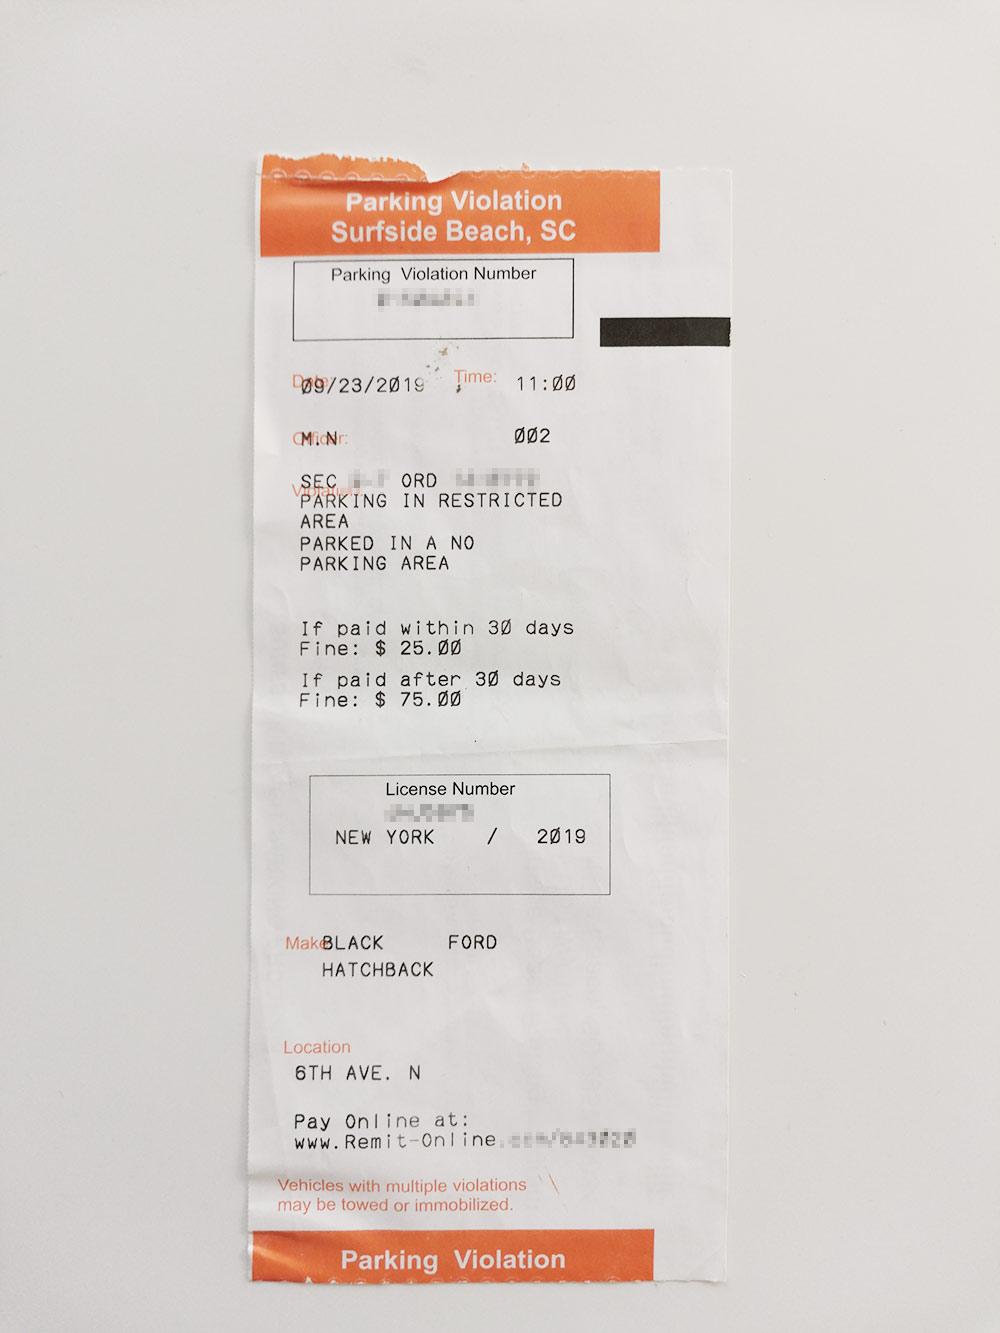 Чек об оплате штрафа нужно вложить в конверт и отправить почтой по адресу или на сайте. Они указаны в квитанции